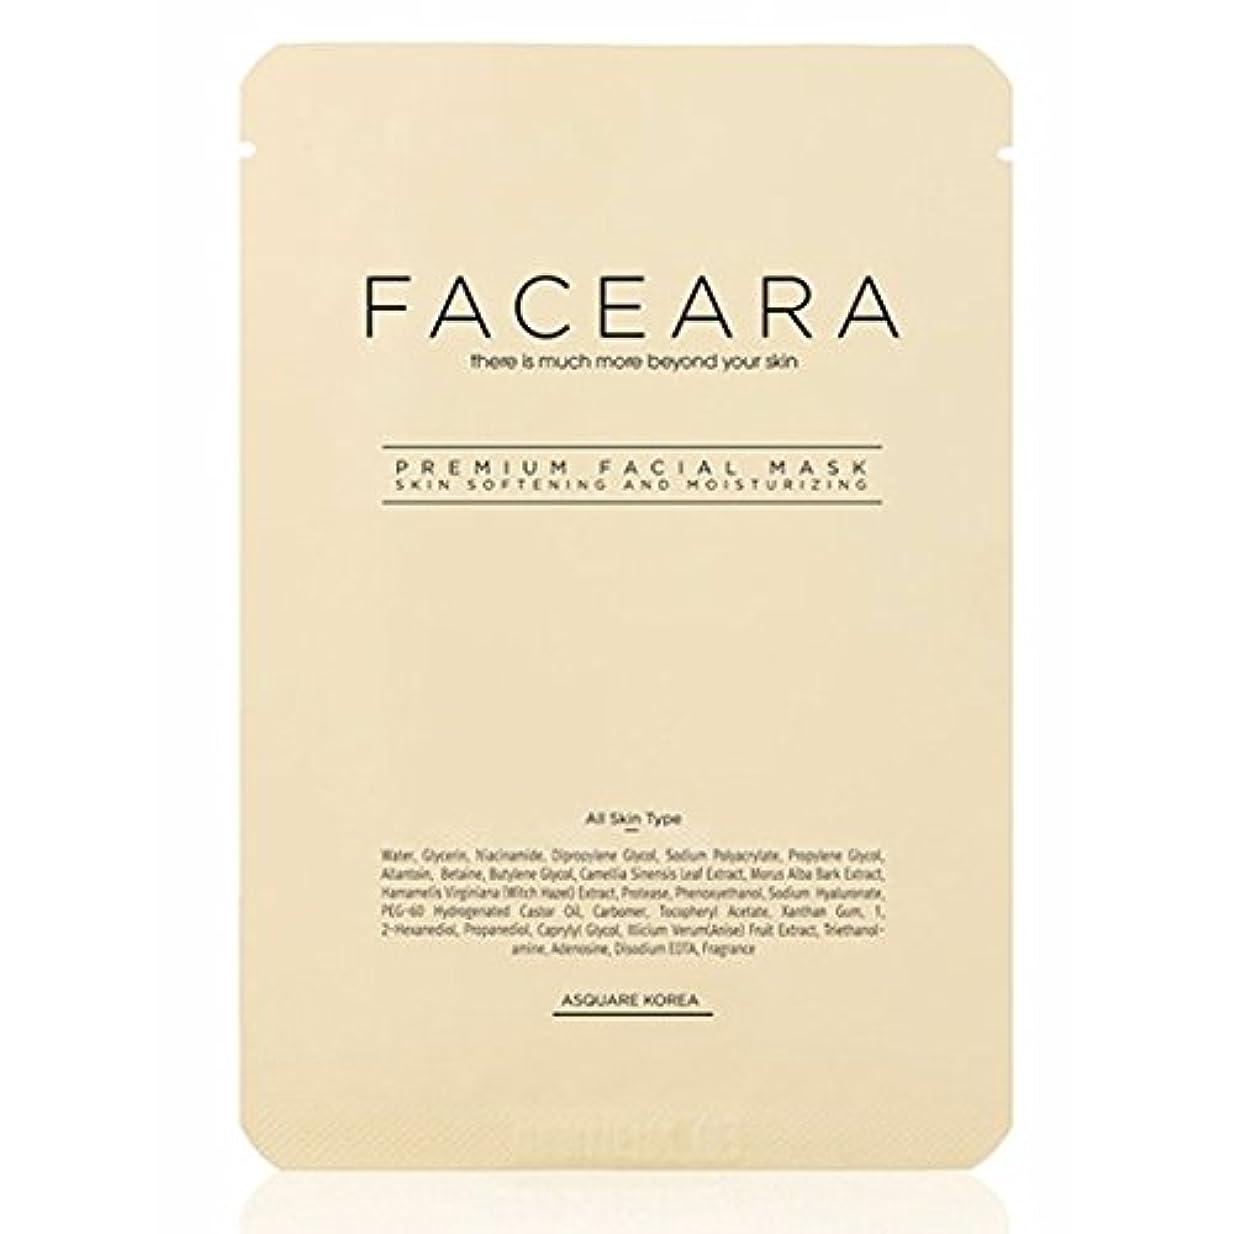 スマイル軽食パンフレット[並行輸入品] FACEARA スクラブ&スーパーモイスチャライザー用プレミアムフェイシャルマスクシート25g 10本セット / FACEARA Premium Facial Mask Sheet for Scrub &...